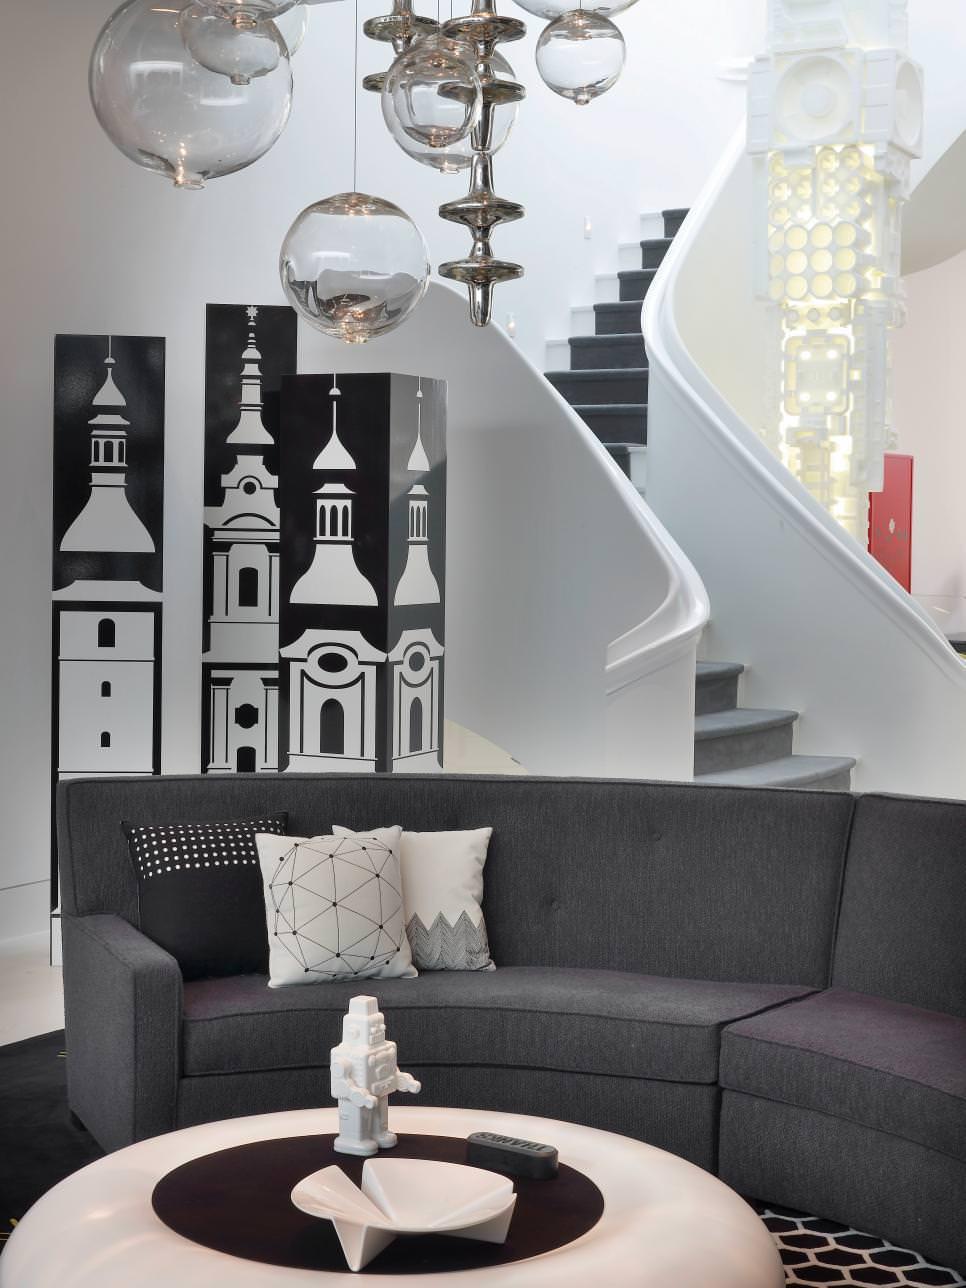 Chic Gray Sofa Design